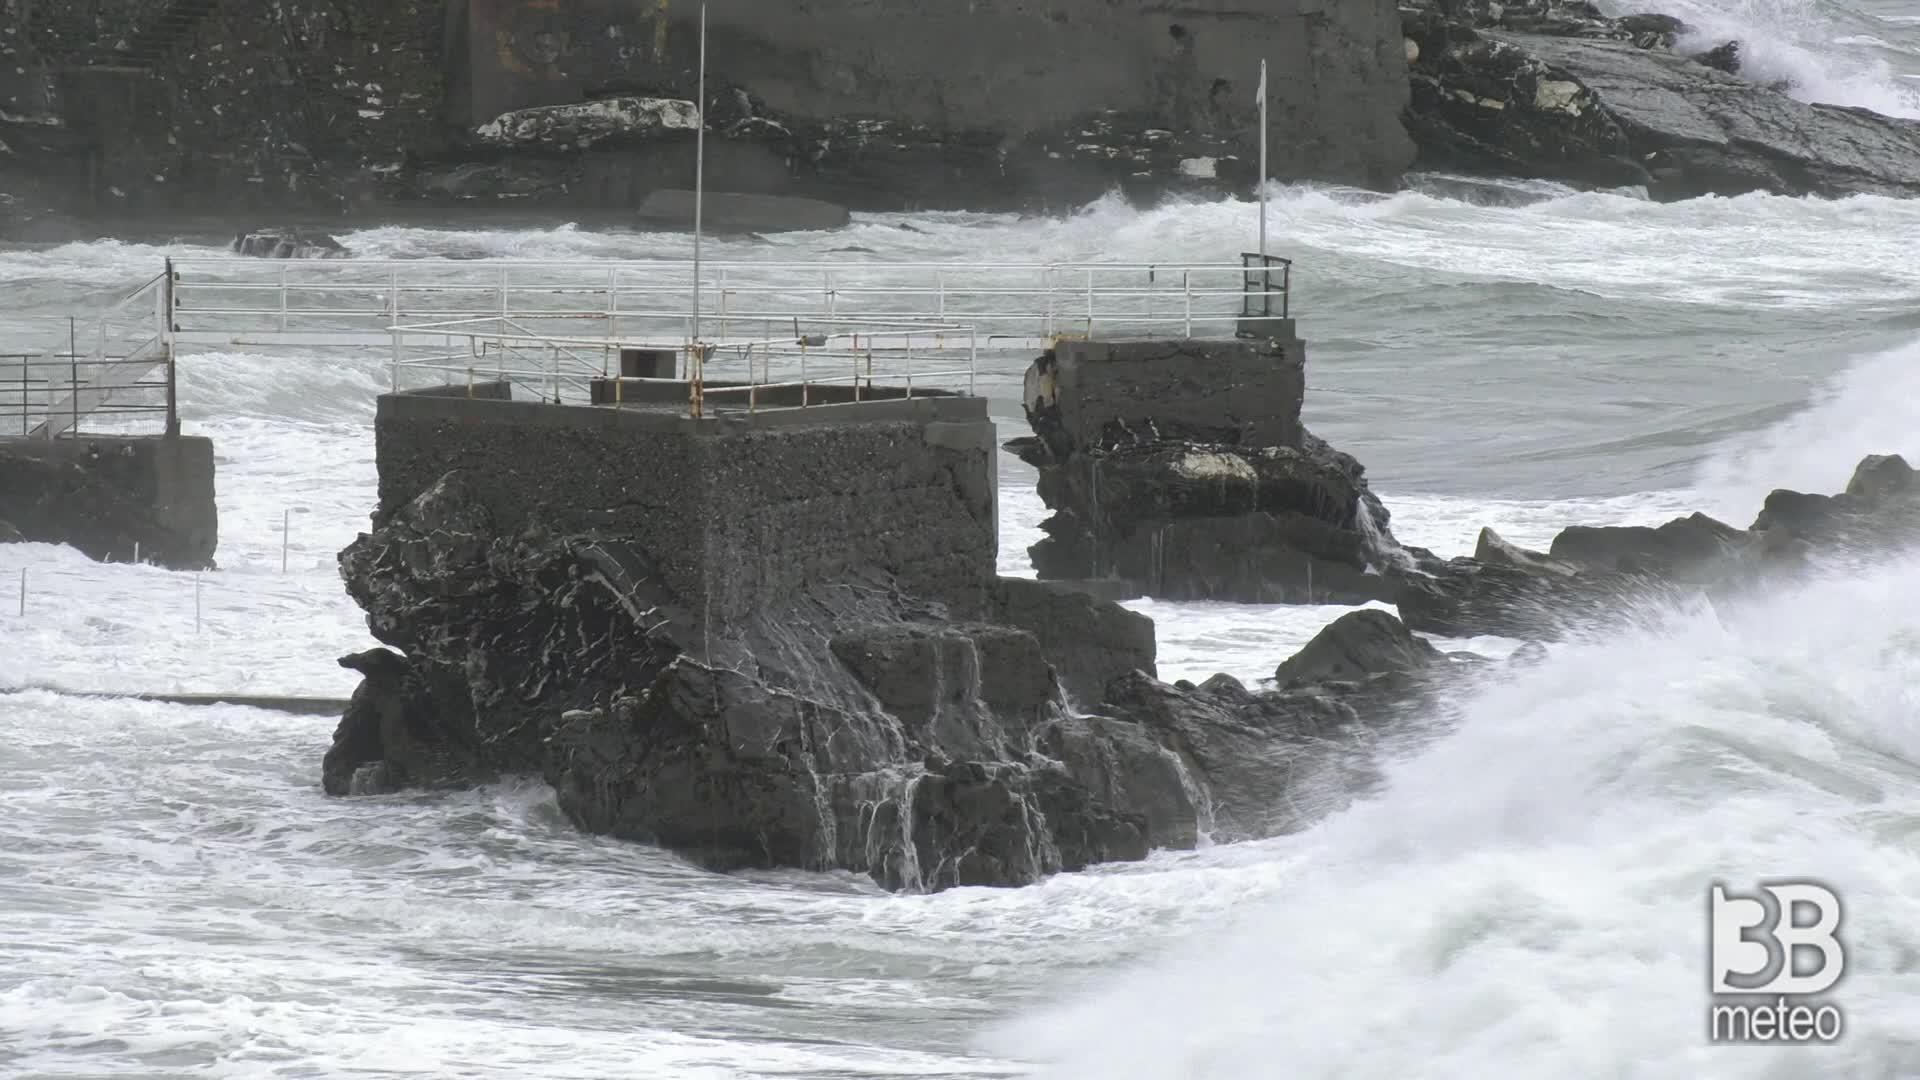 Mareggiata a Genova: il giorno dopo ondata maltempo